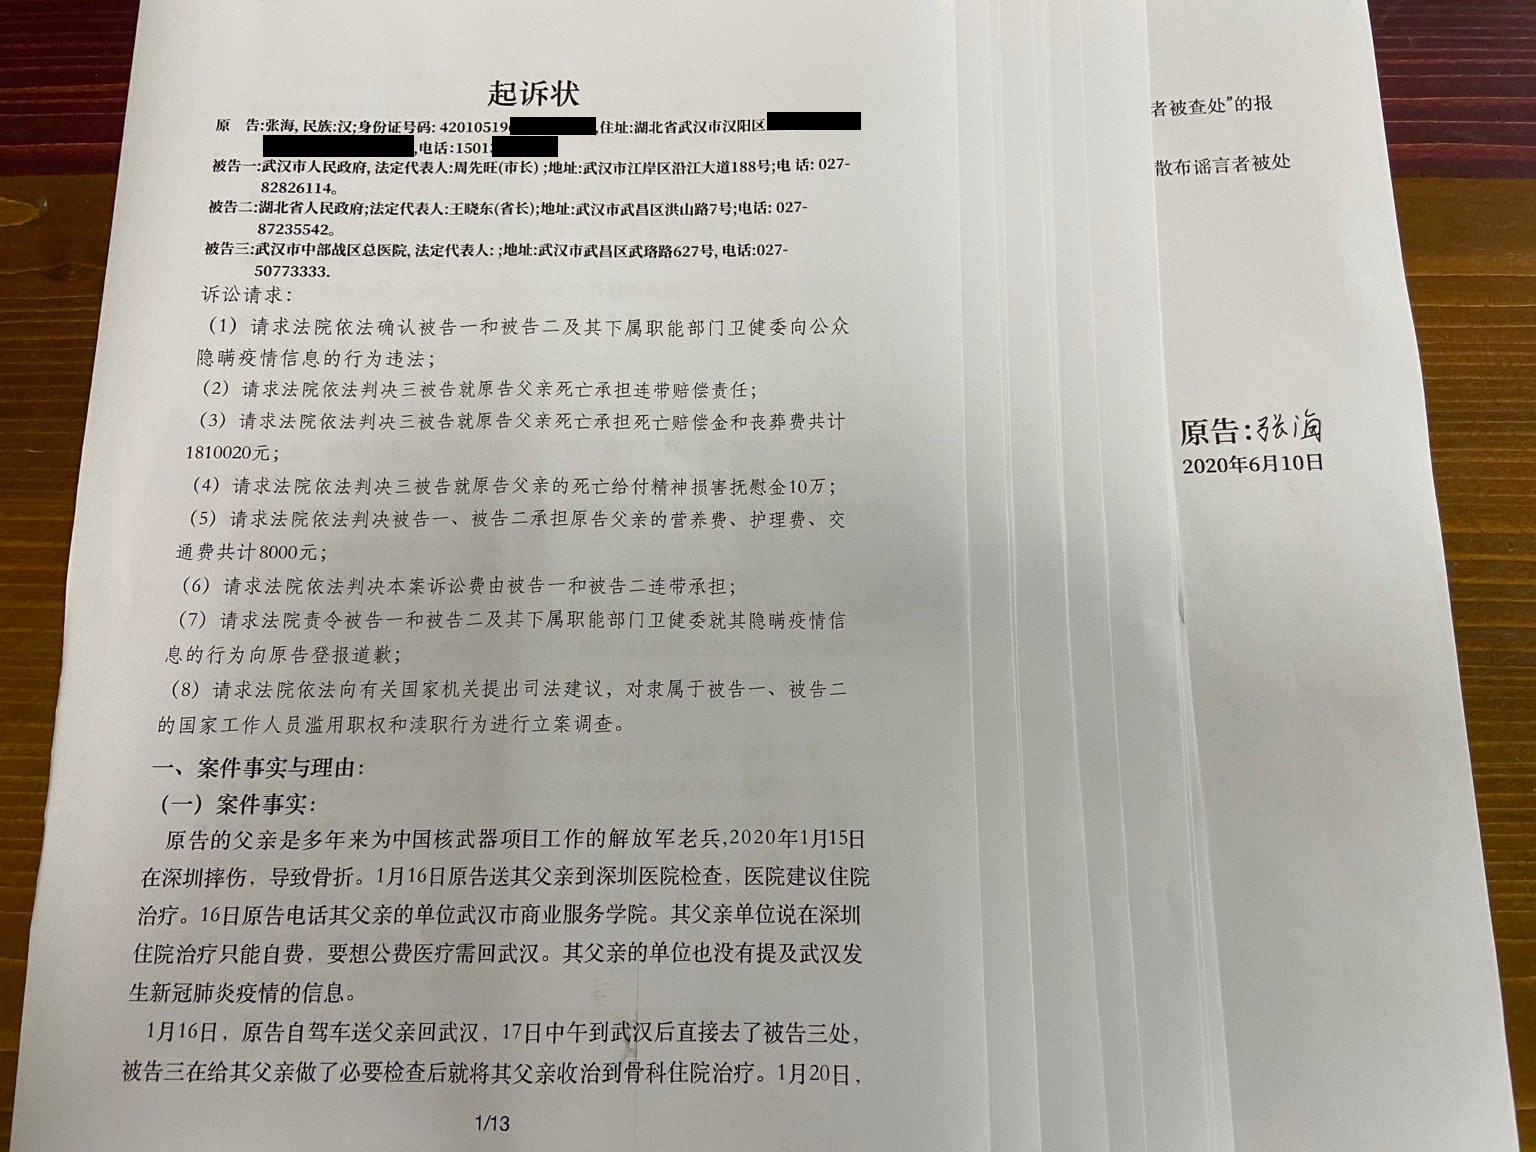 起訴書將武漢市人民政府、湖北省人民政府、武漢市中部戰區總醫院列為共同被告,要求追責、道歉、賠償。(受訪者提供)